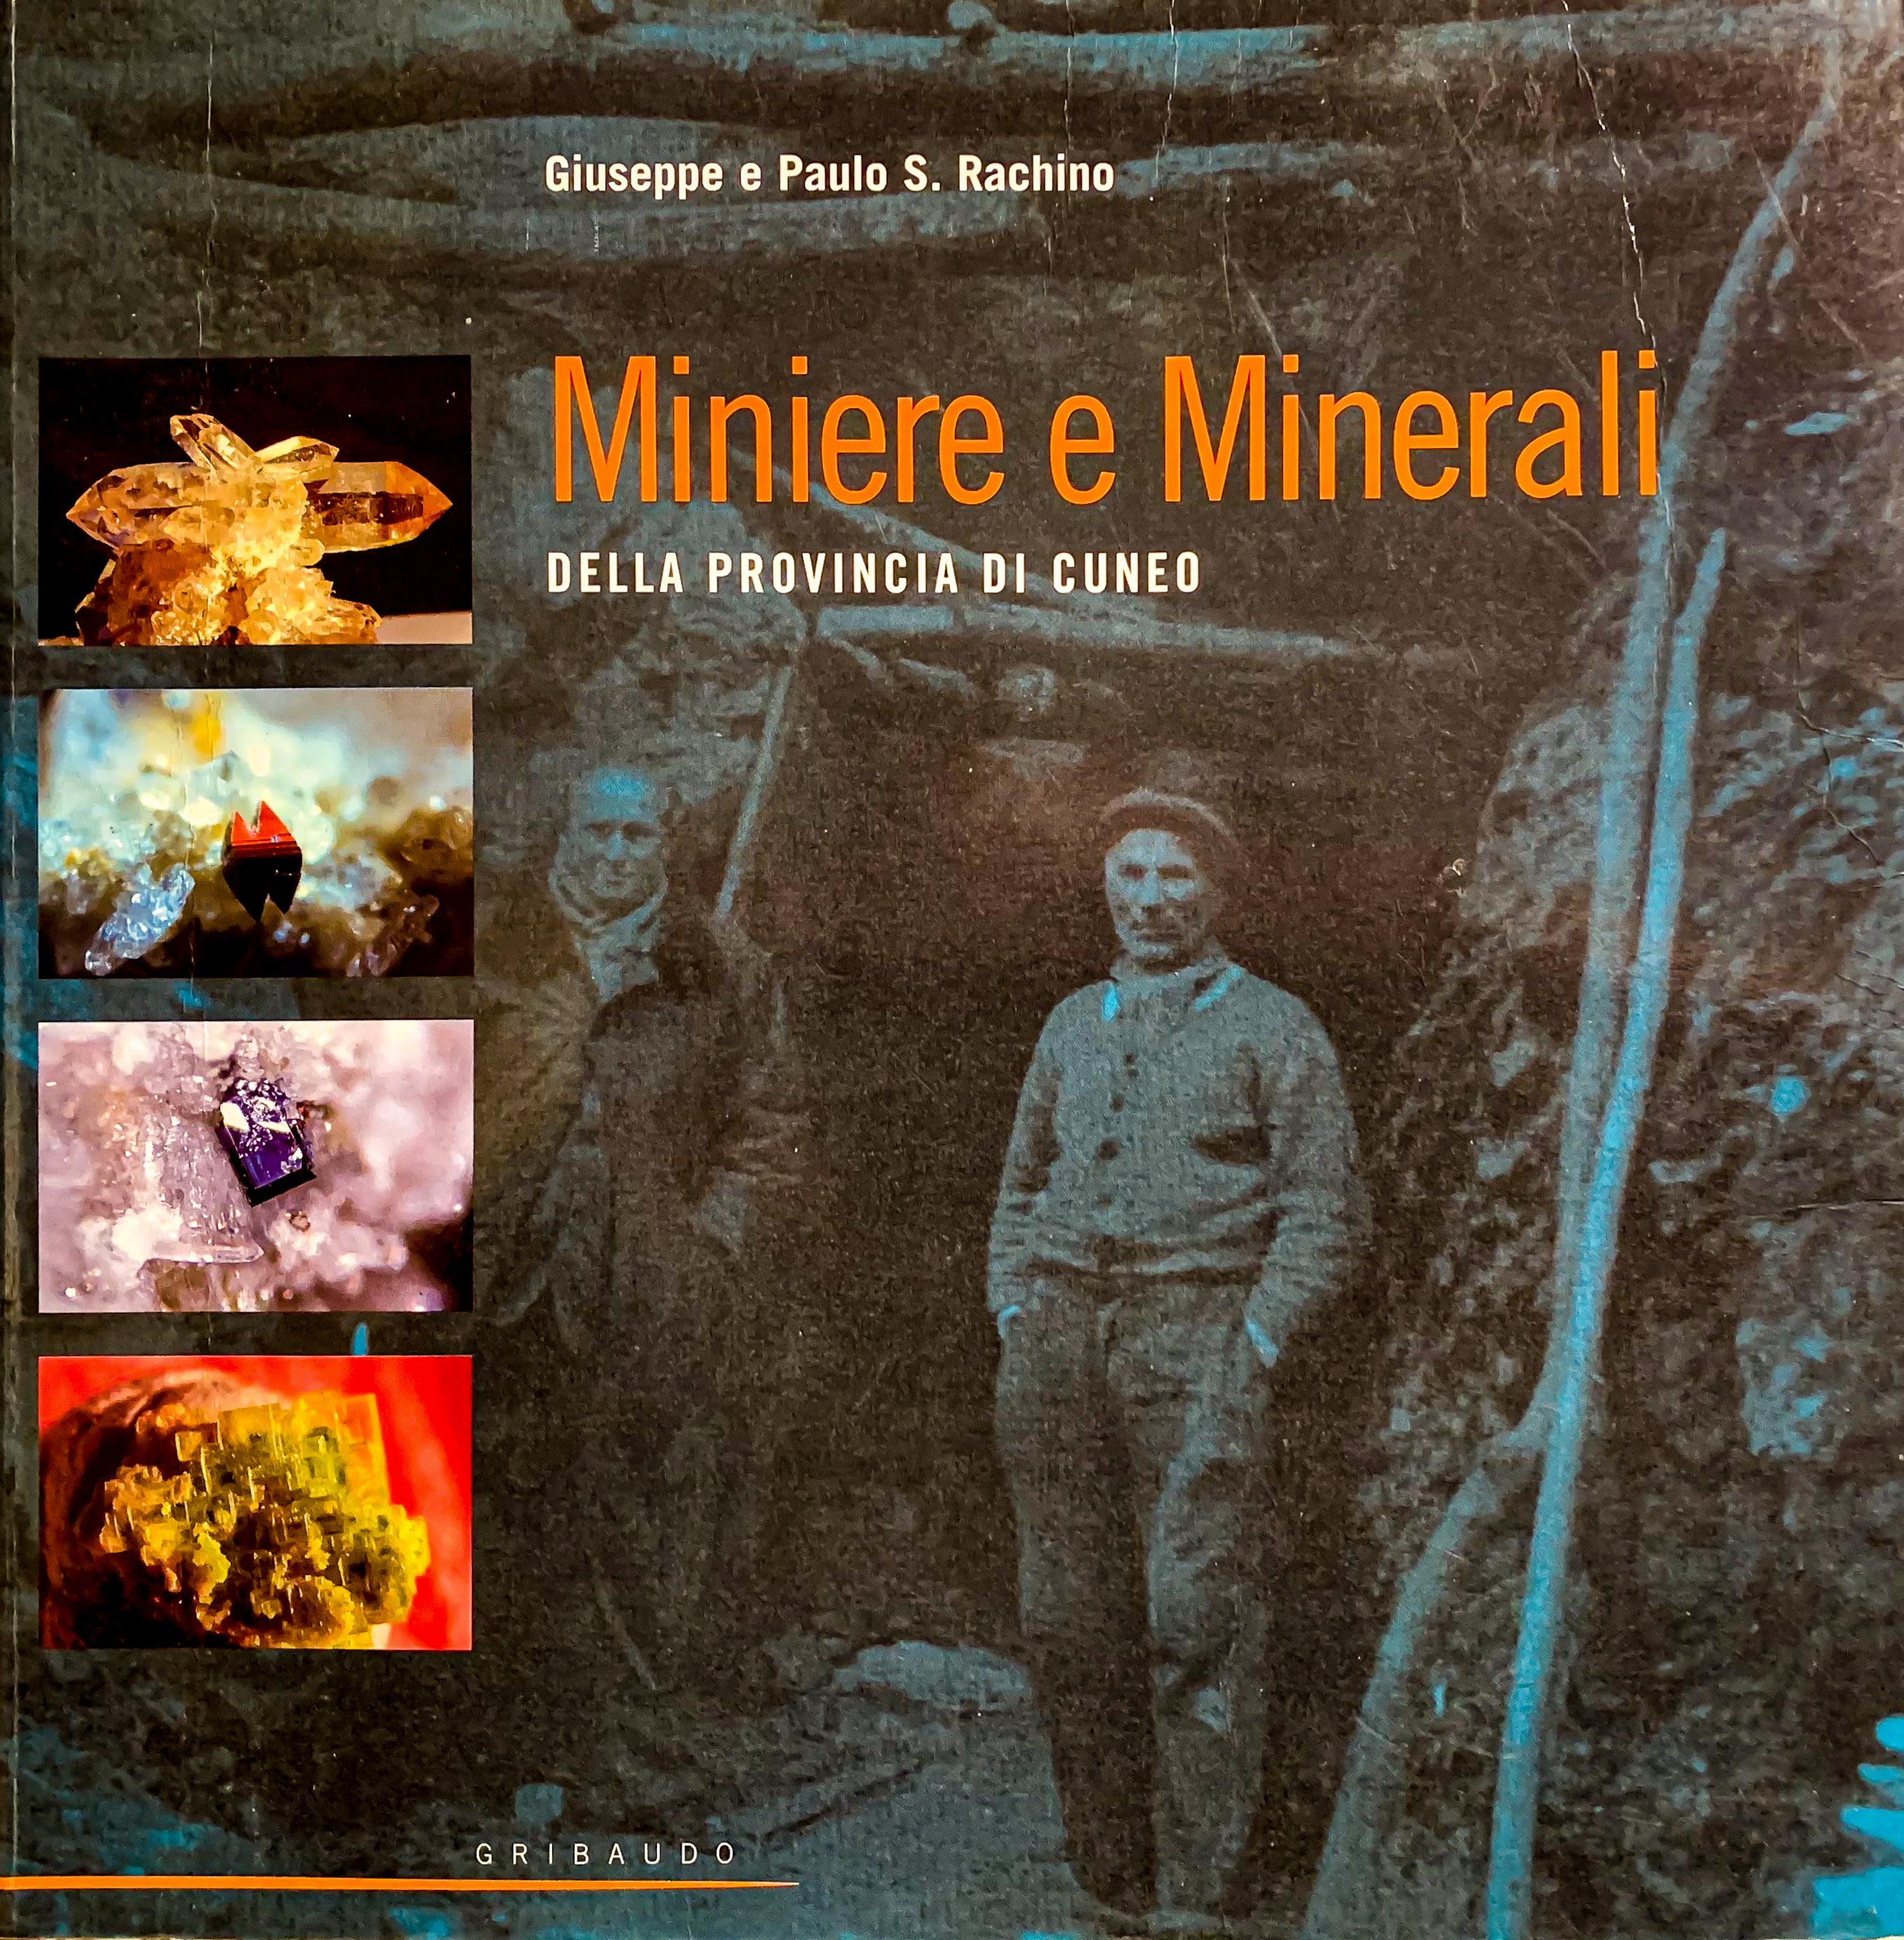 Miniere e minerali della provincia di Cuneo